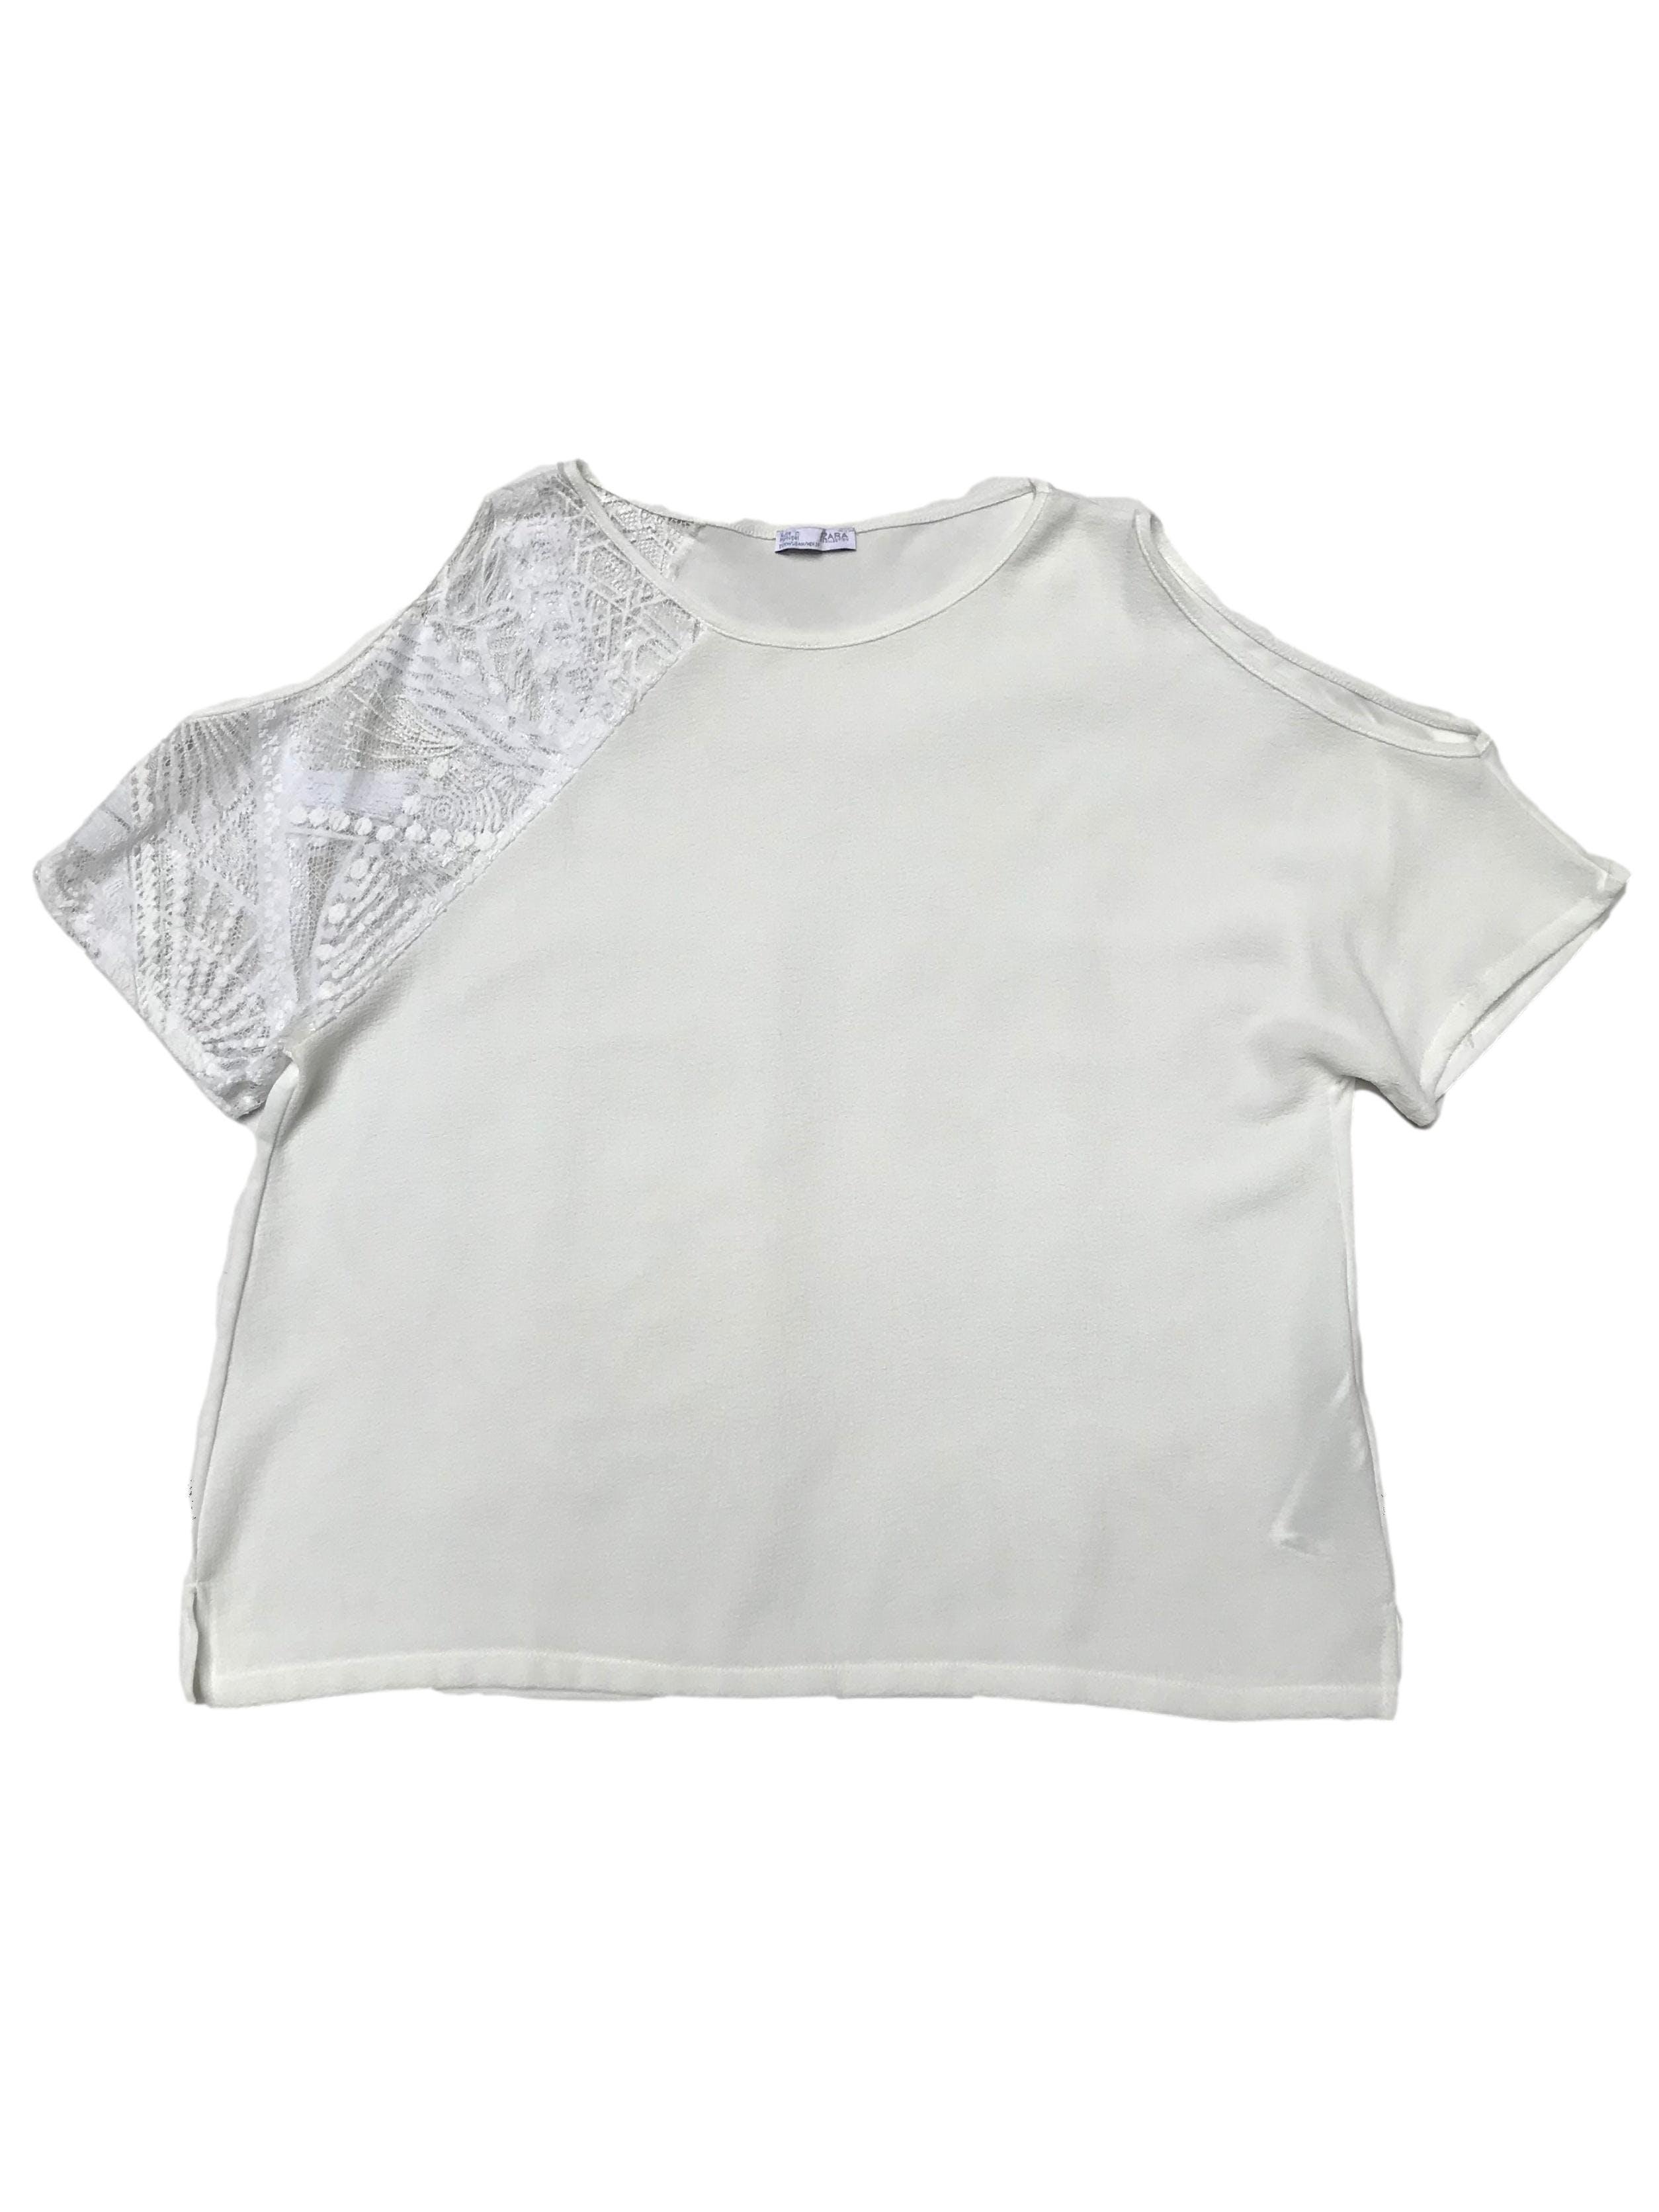 Blusa Zara tela plana texturada con encaje en un hombros y aberturas